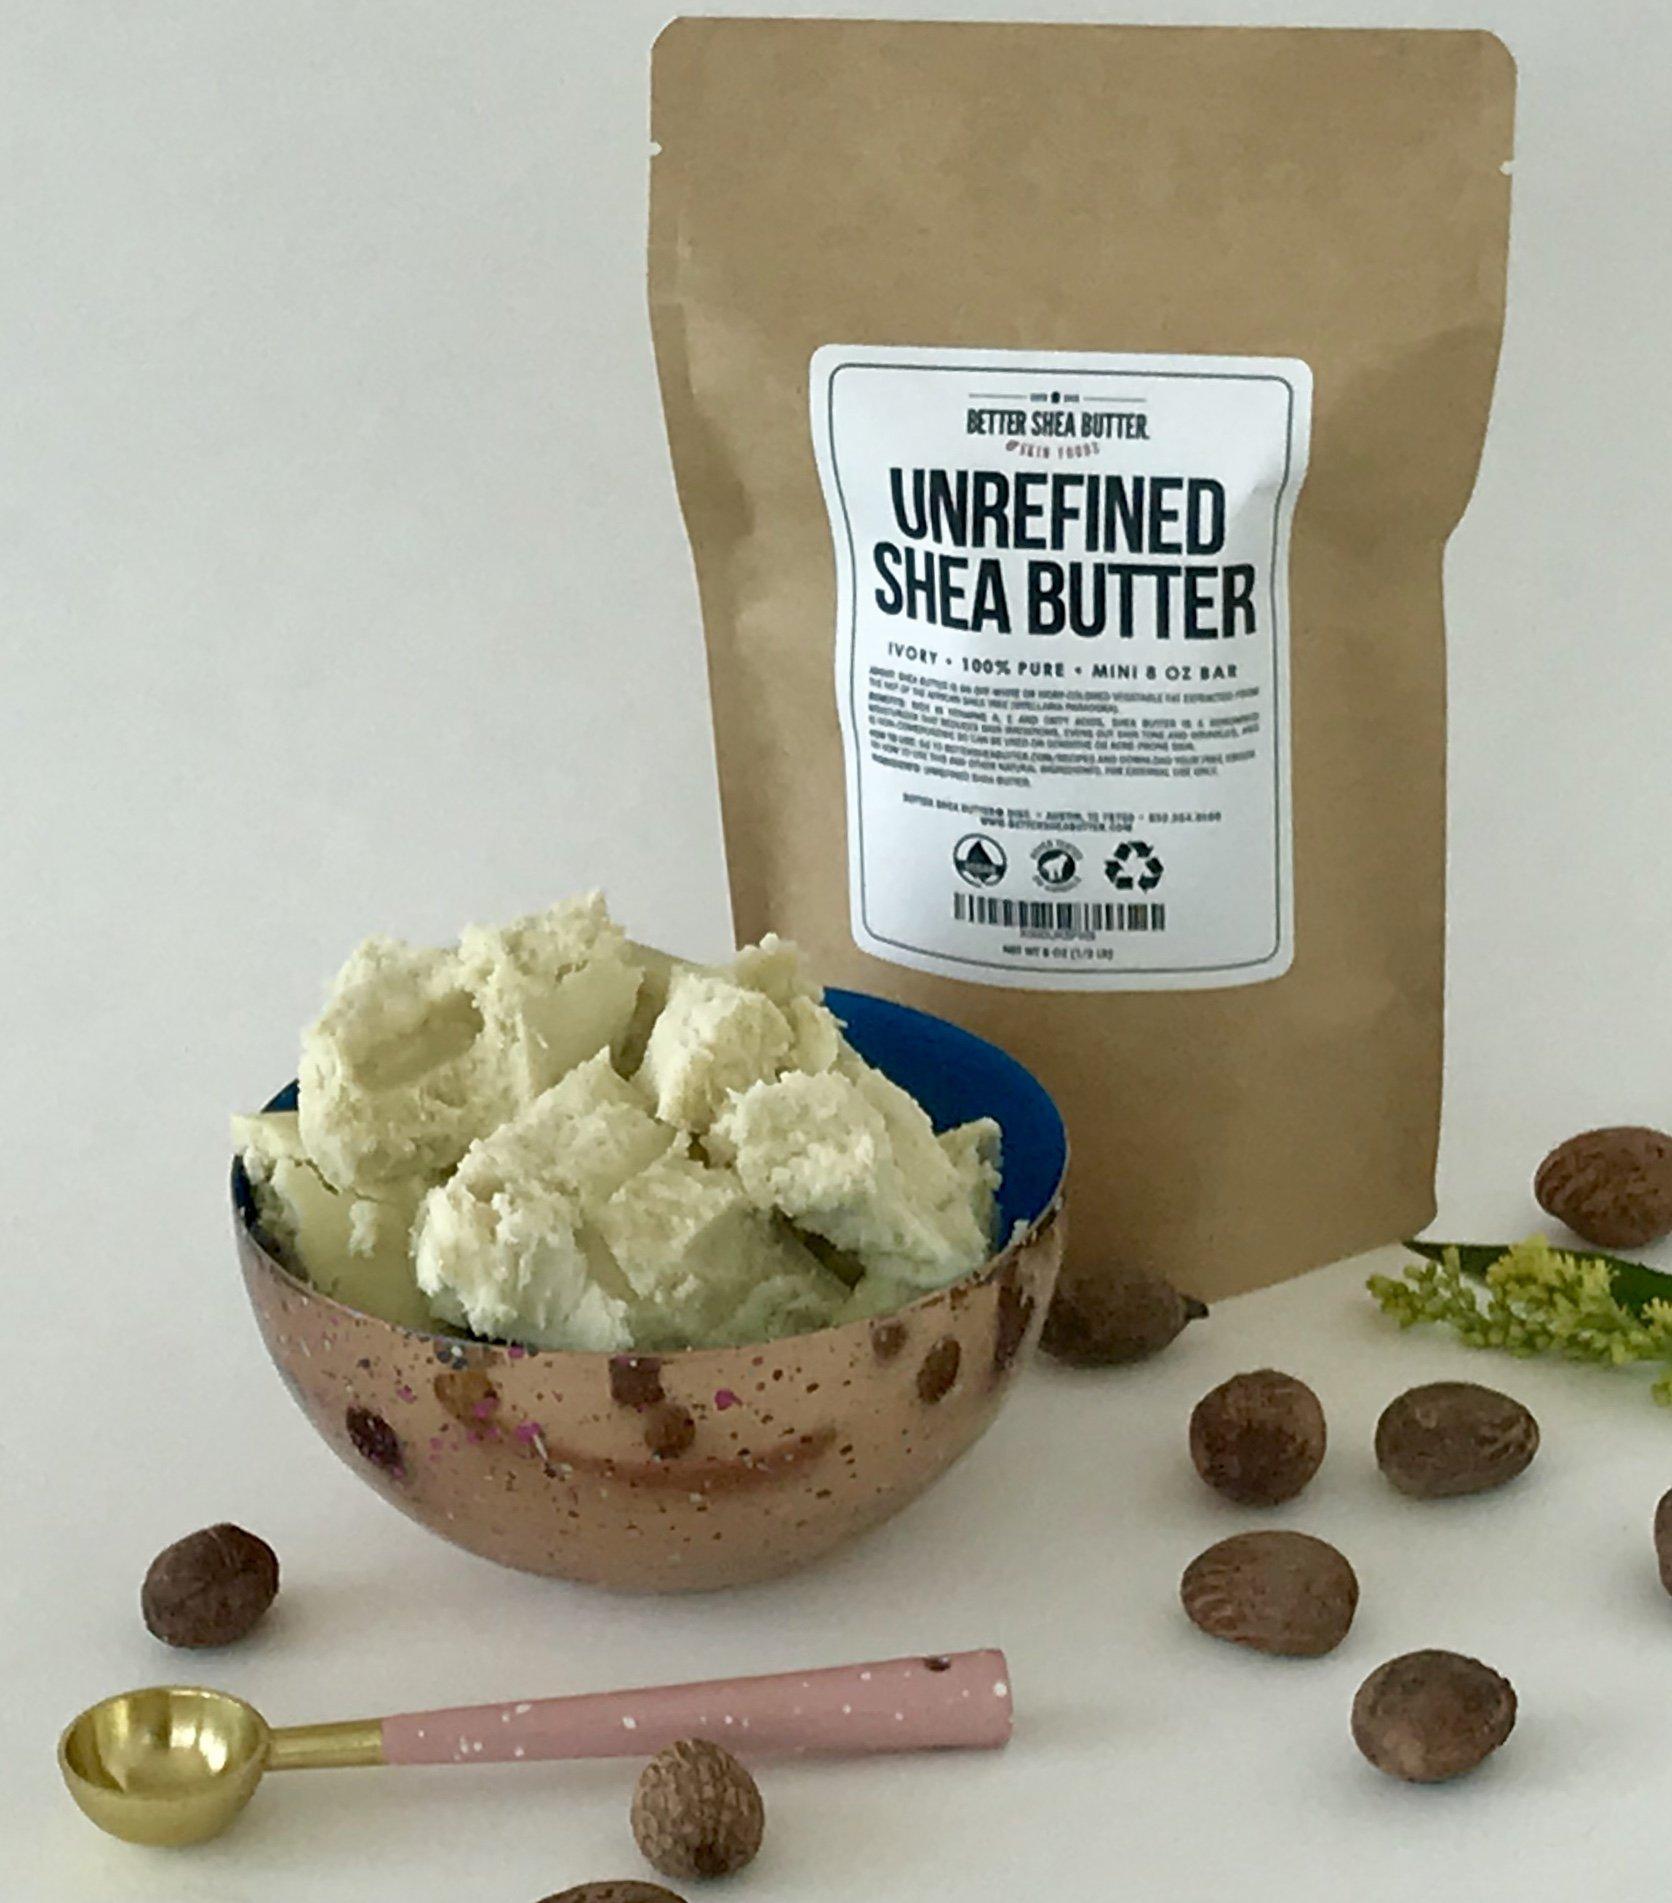 Unrefined Shea Butter by Better Shea Butter - Ivory - 1 lb by Better Shea Butter (Image #4)